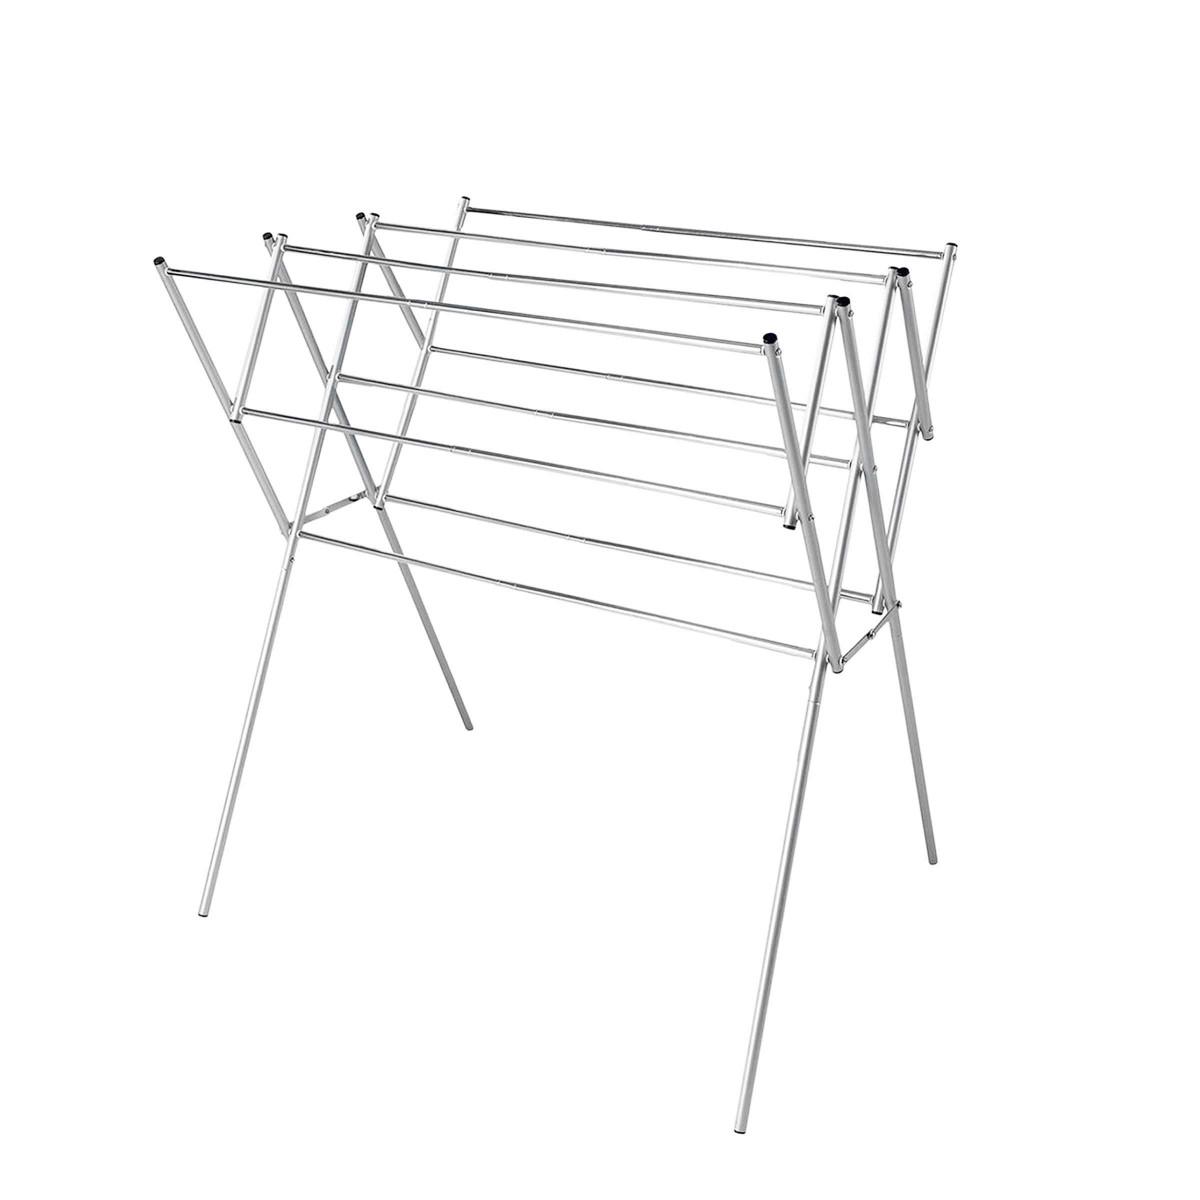 s choir linge en acier inoxydable extensible et sur pieds. Black Bedroom Furniture Sets. Home Design Ideas